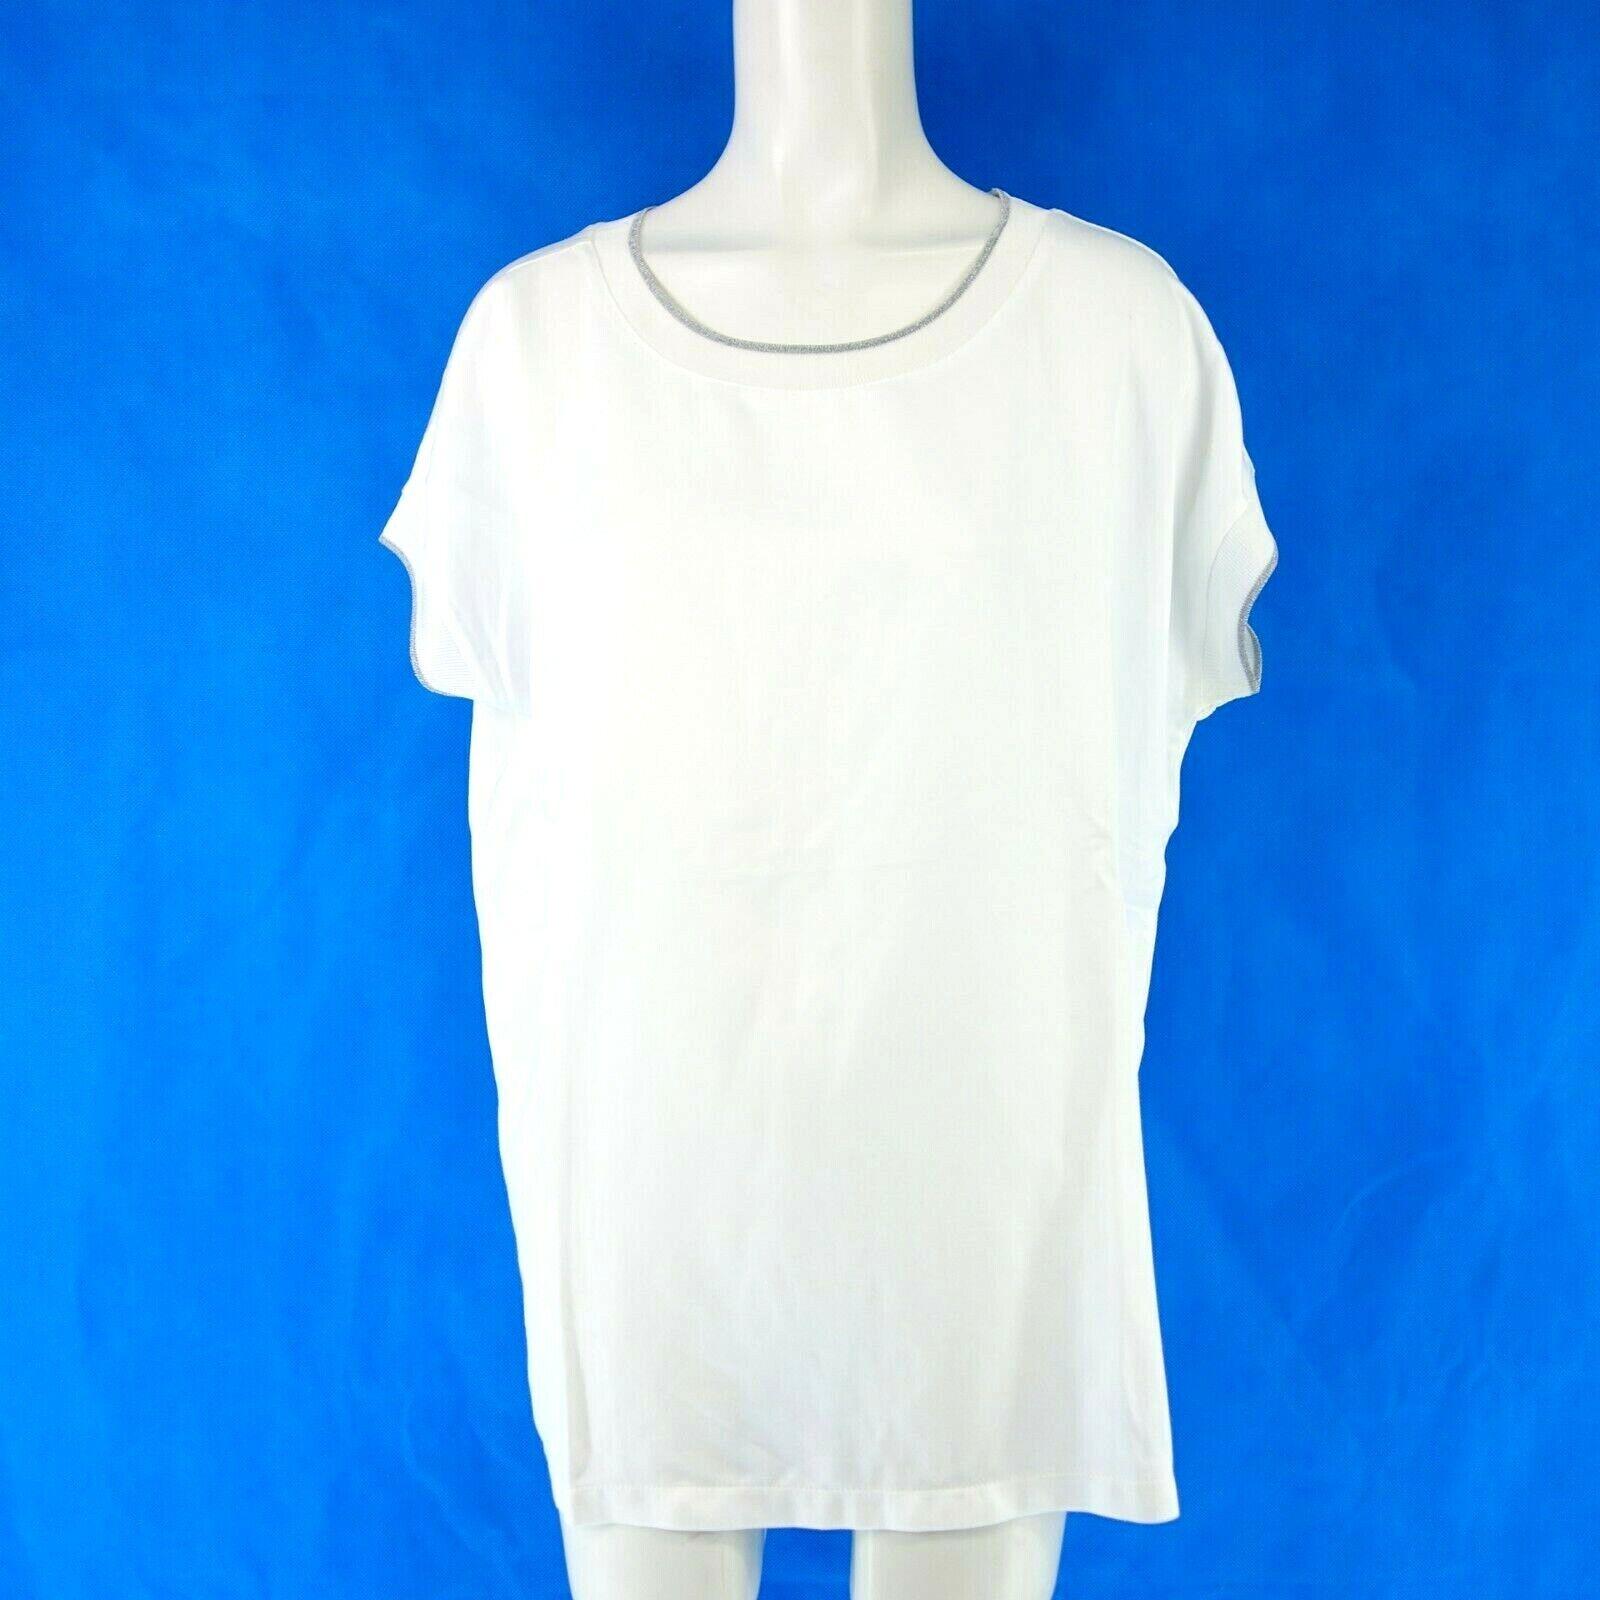 LAURÉL Laurel Damen Shirt 41265 Gr 42 Weiß Silberstreifen Strickbund NP 119 NEU